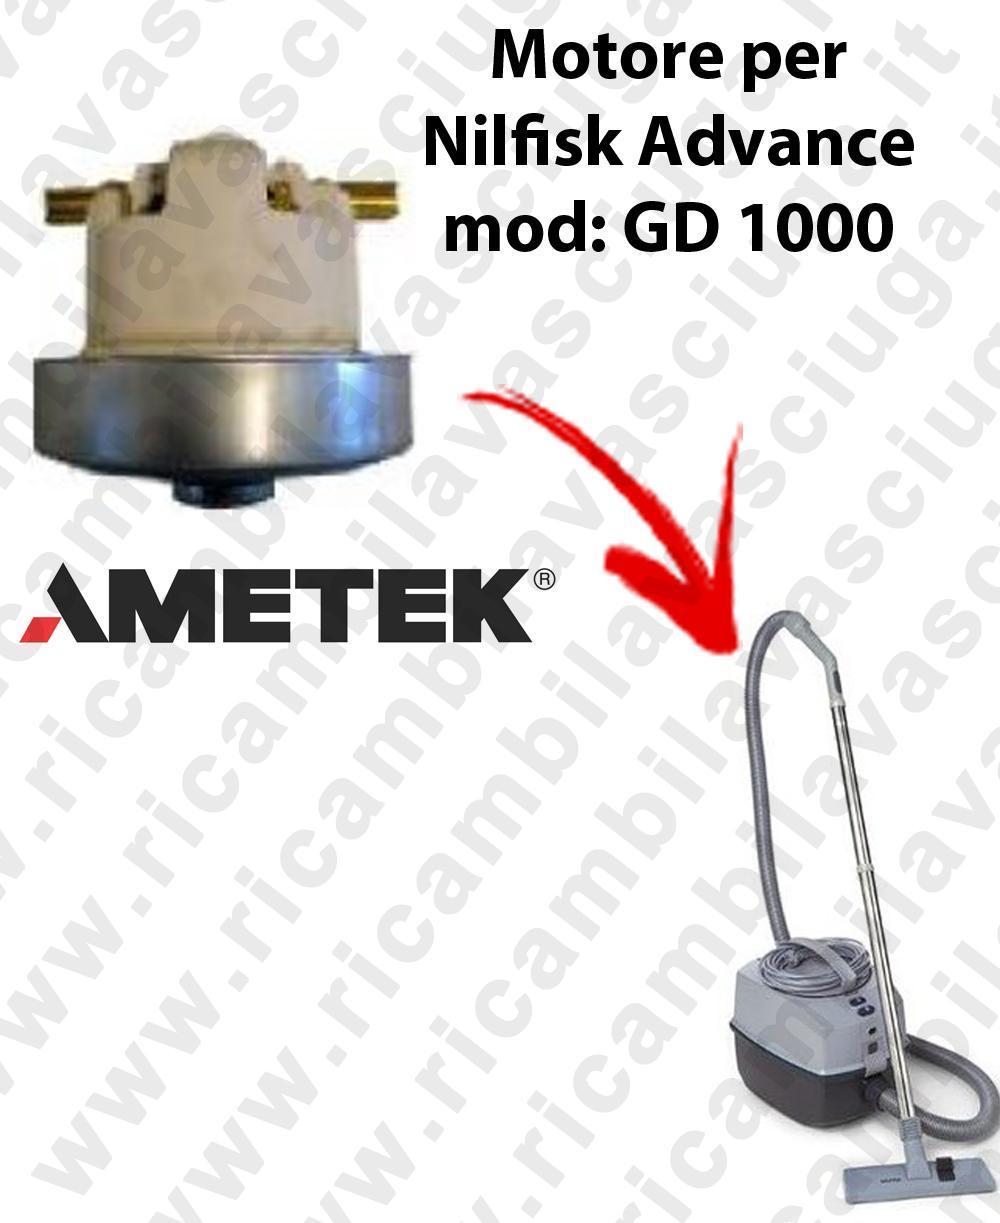 GD 1000  Motore de aspiración AMETEK  para aspiradora Nilfisk Advance